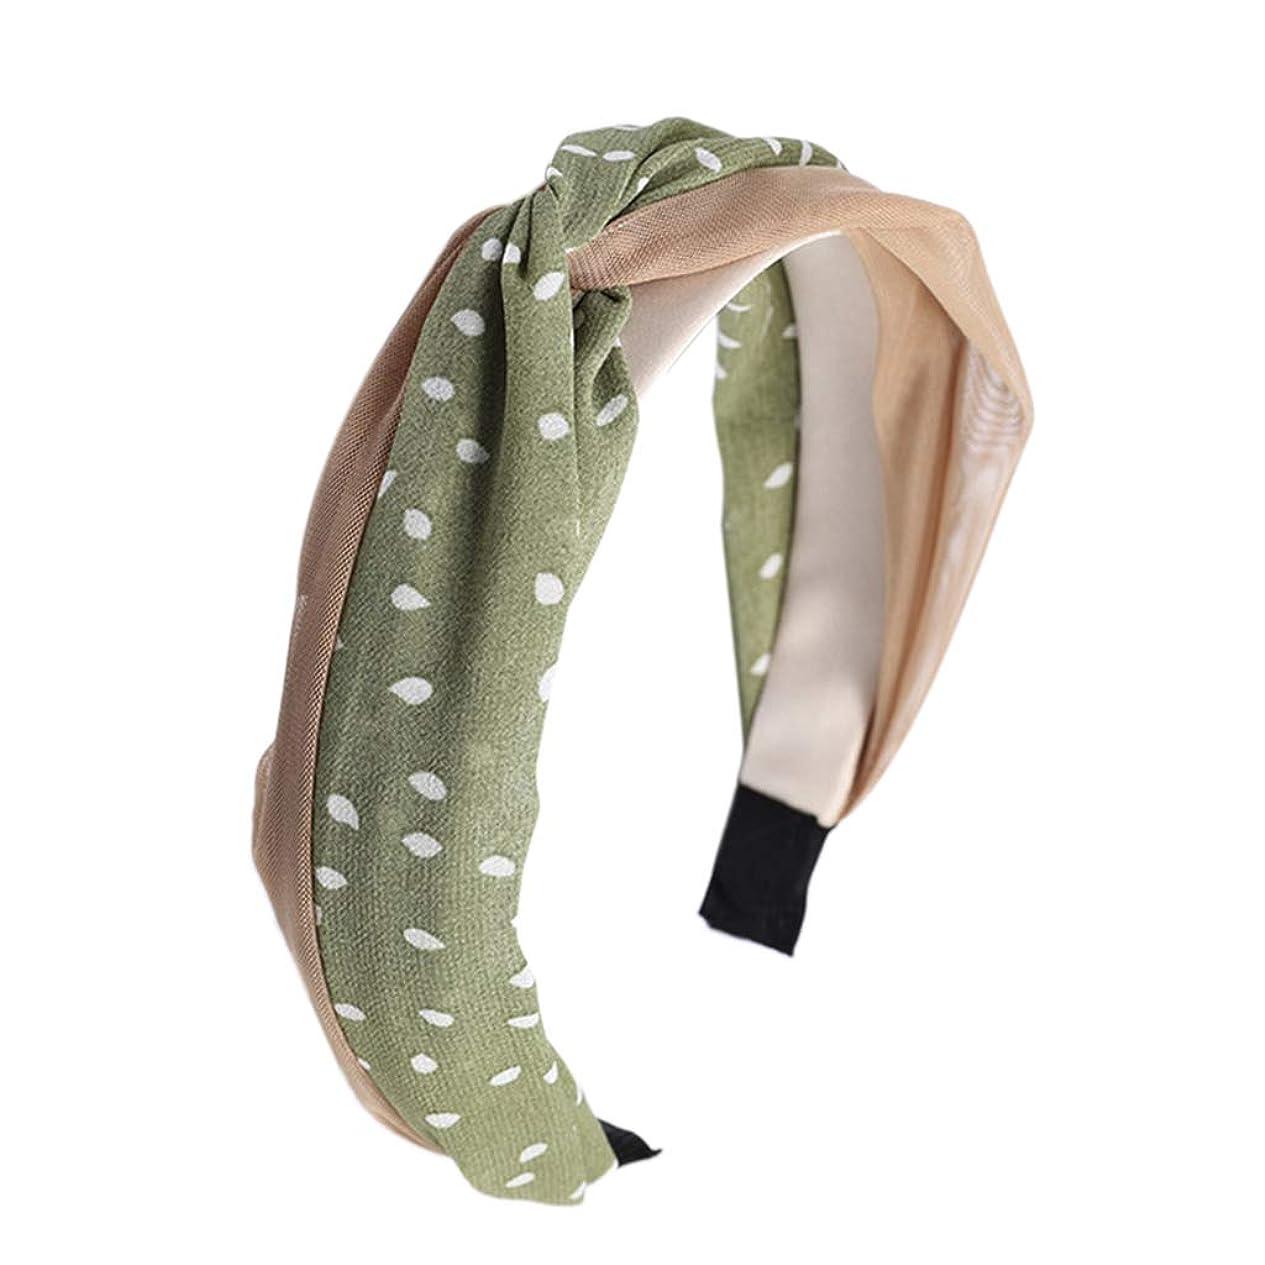 魅力的であることへのアピール周波数サイクロプスManyao 韓国風の新鮮な女性のメッシュポルカドットヘッドバンドヴィンテージツイスト結び目ワイヤーヘアフープ (緑)